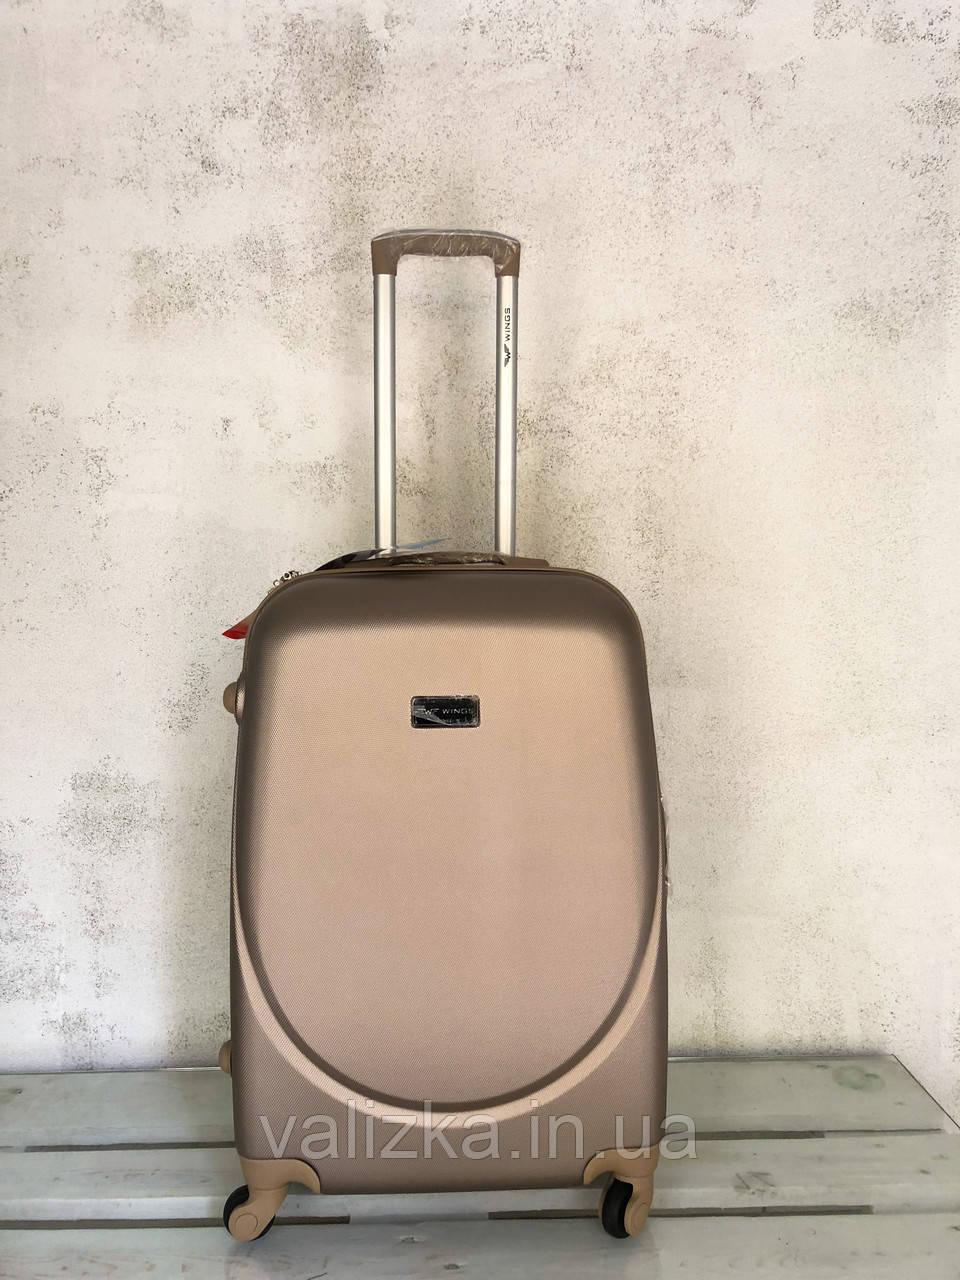 Пластиковый чемодан на 4-х колесах качественный шампань чемодан / Пластикова валіза золота